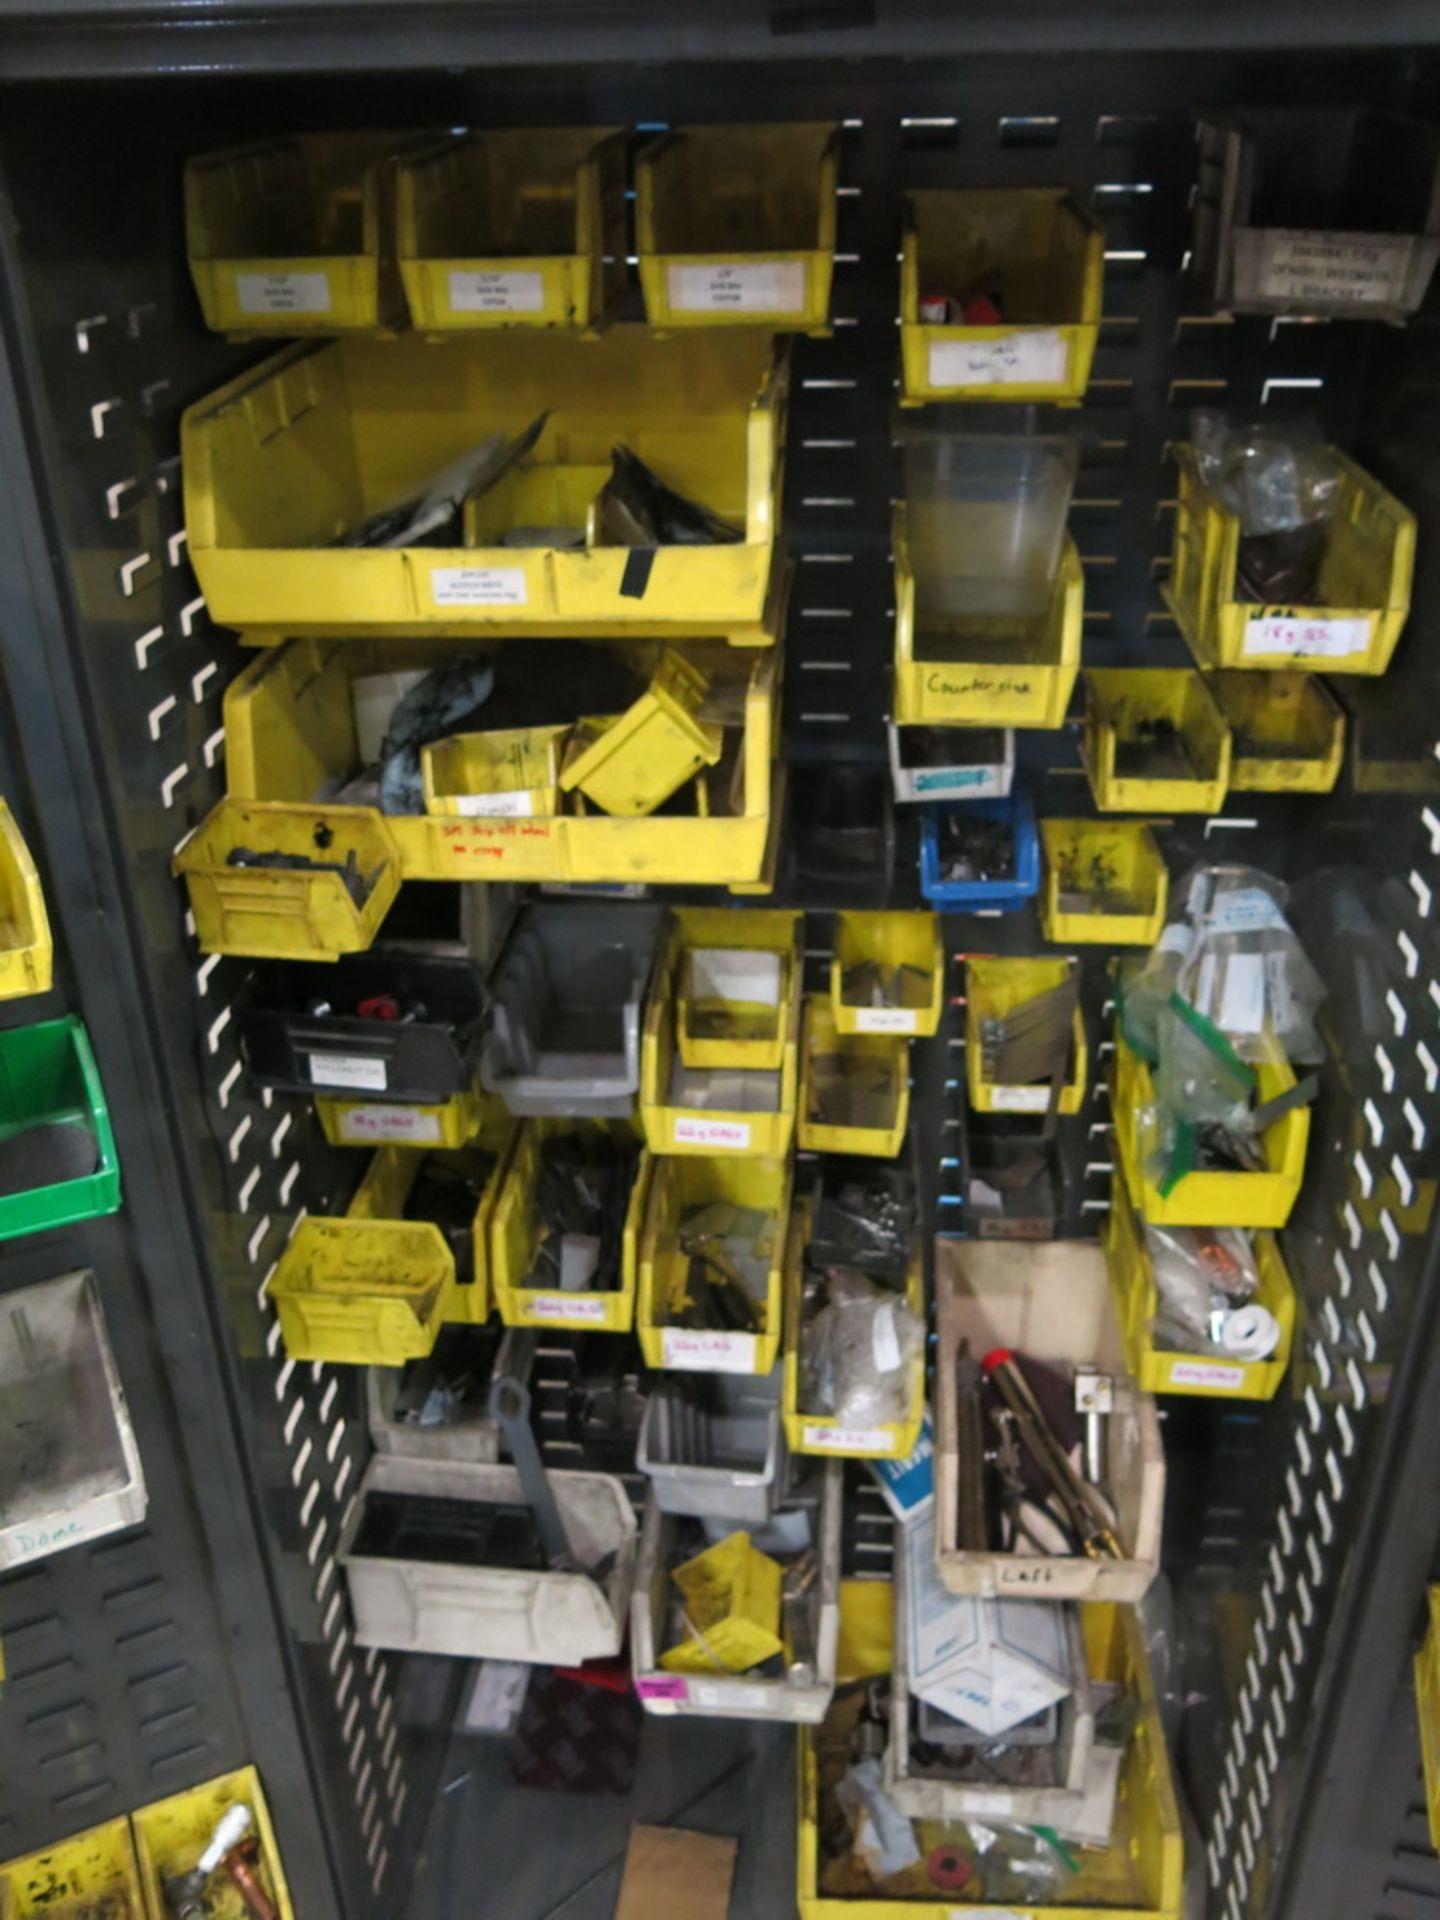 Lot 44 - Welding Supply 2-Door Metal Cabinet w/ Contents to Include: Welding Tips, Arms, Weld Controllers